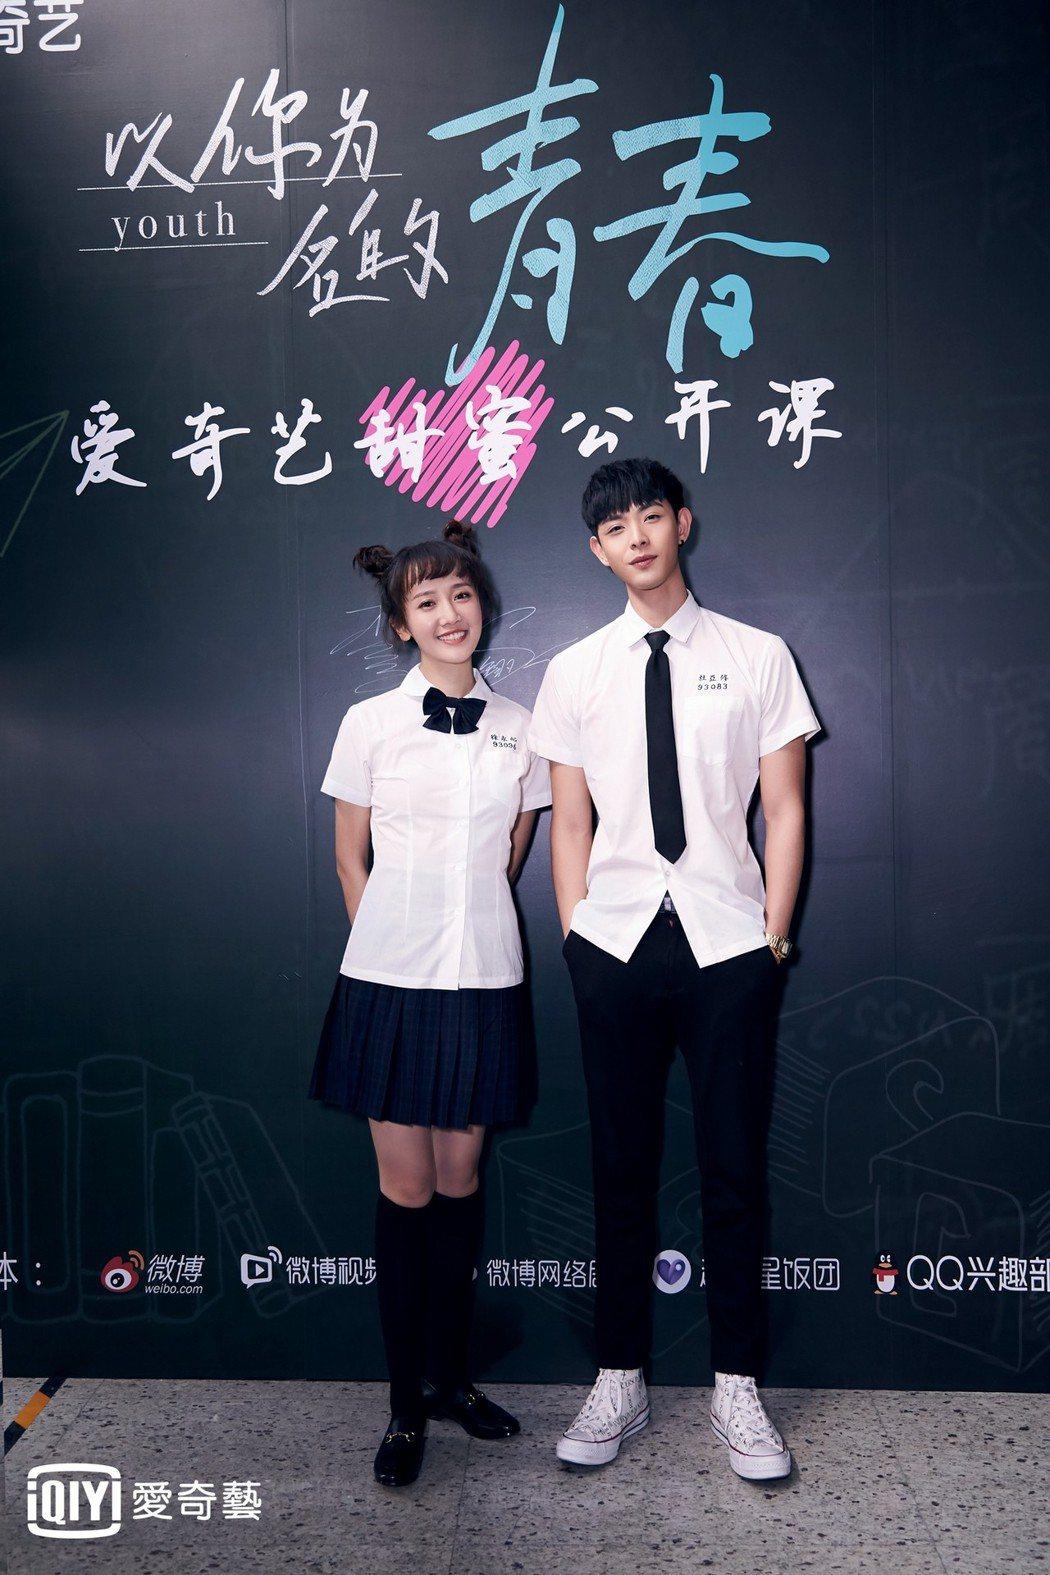 連晨翔與李墨之合作「以你為名的青春」。圖/愛奇藝台灣站提供